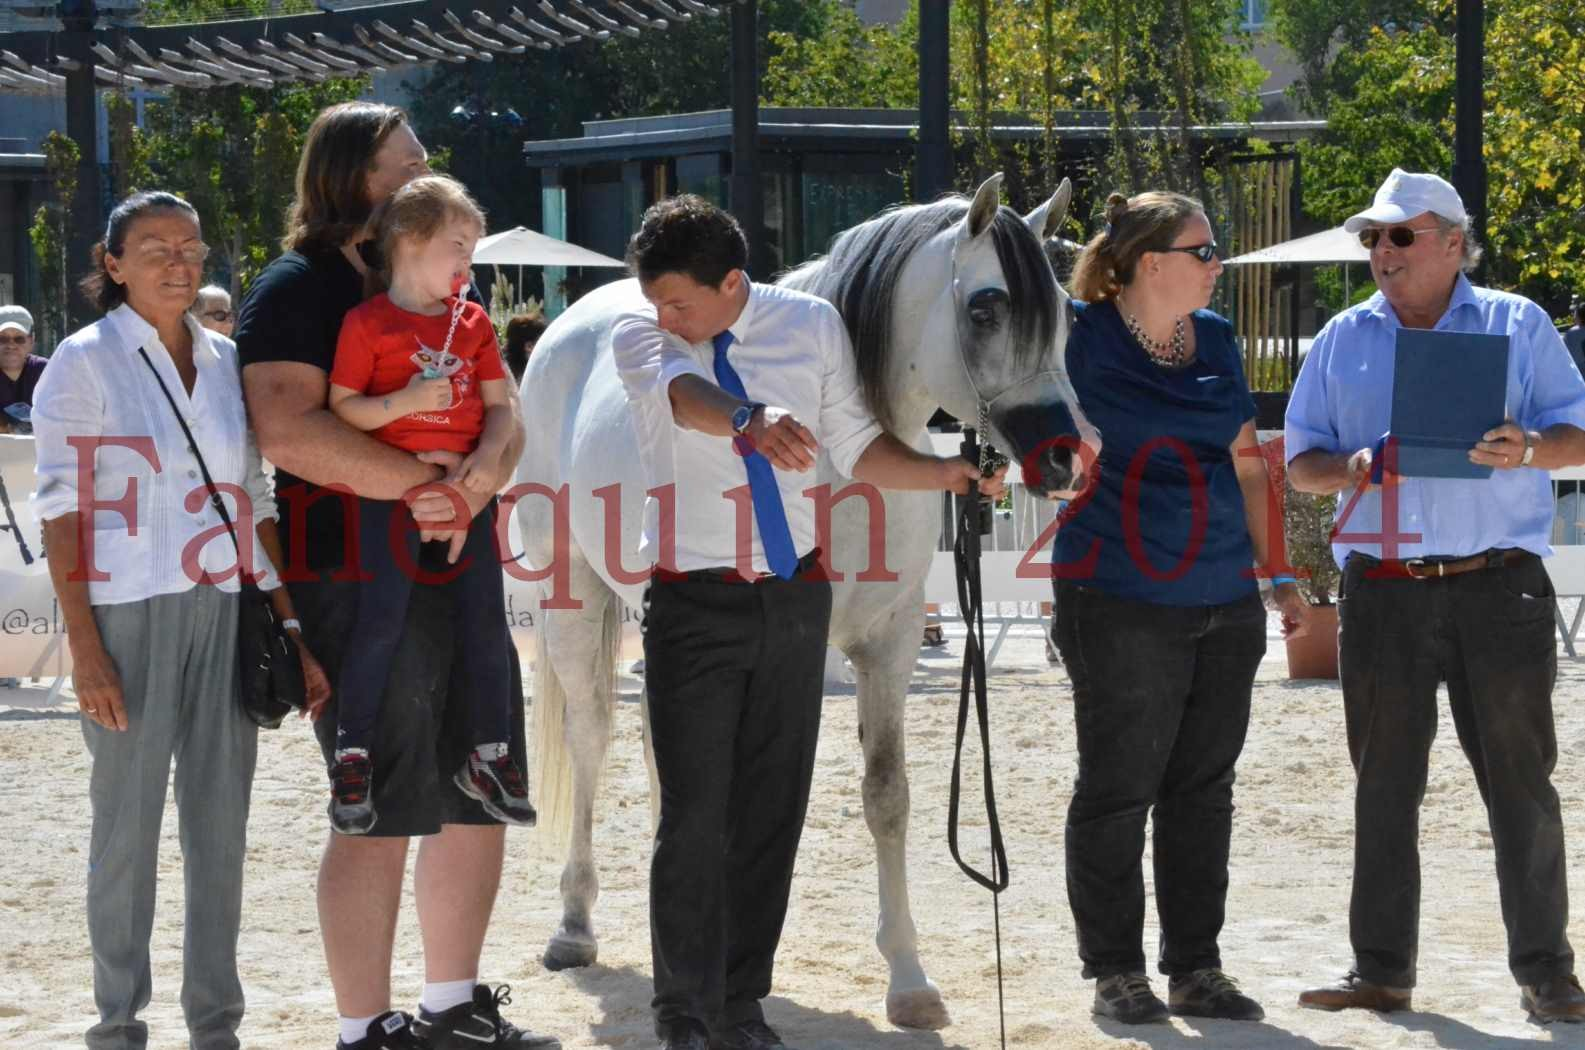 Concours National de Nîmes de chevaux ARABES 2014 - Sélection - SHAOLIN DE NEDJAIA - 93